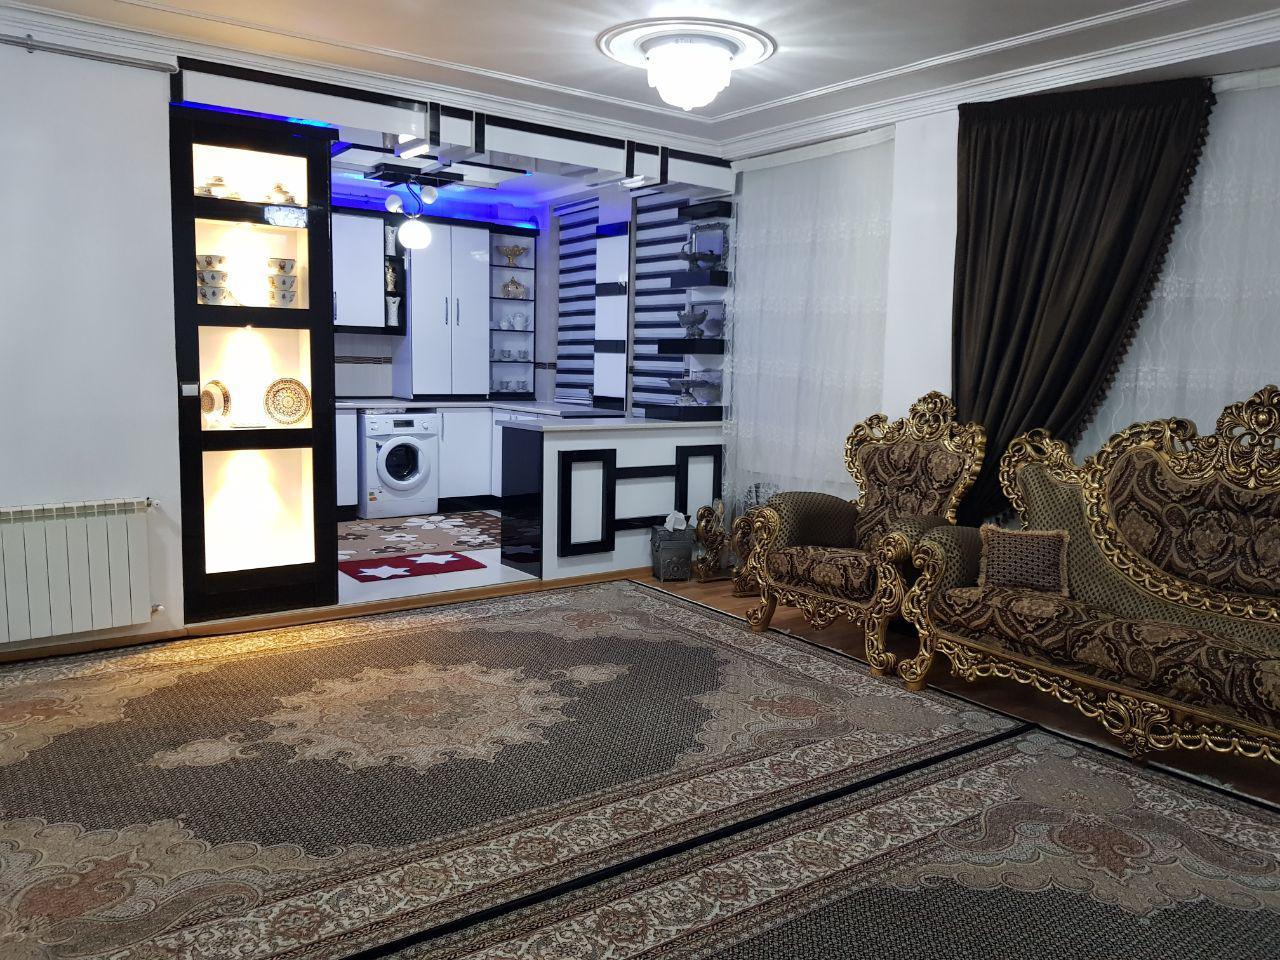 فروش طبقه دوم از آپارتمان 4 طبقه در شهرک دادگستری